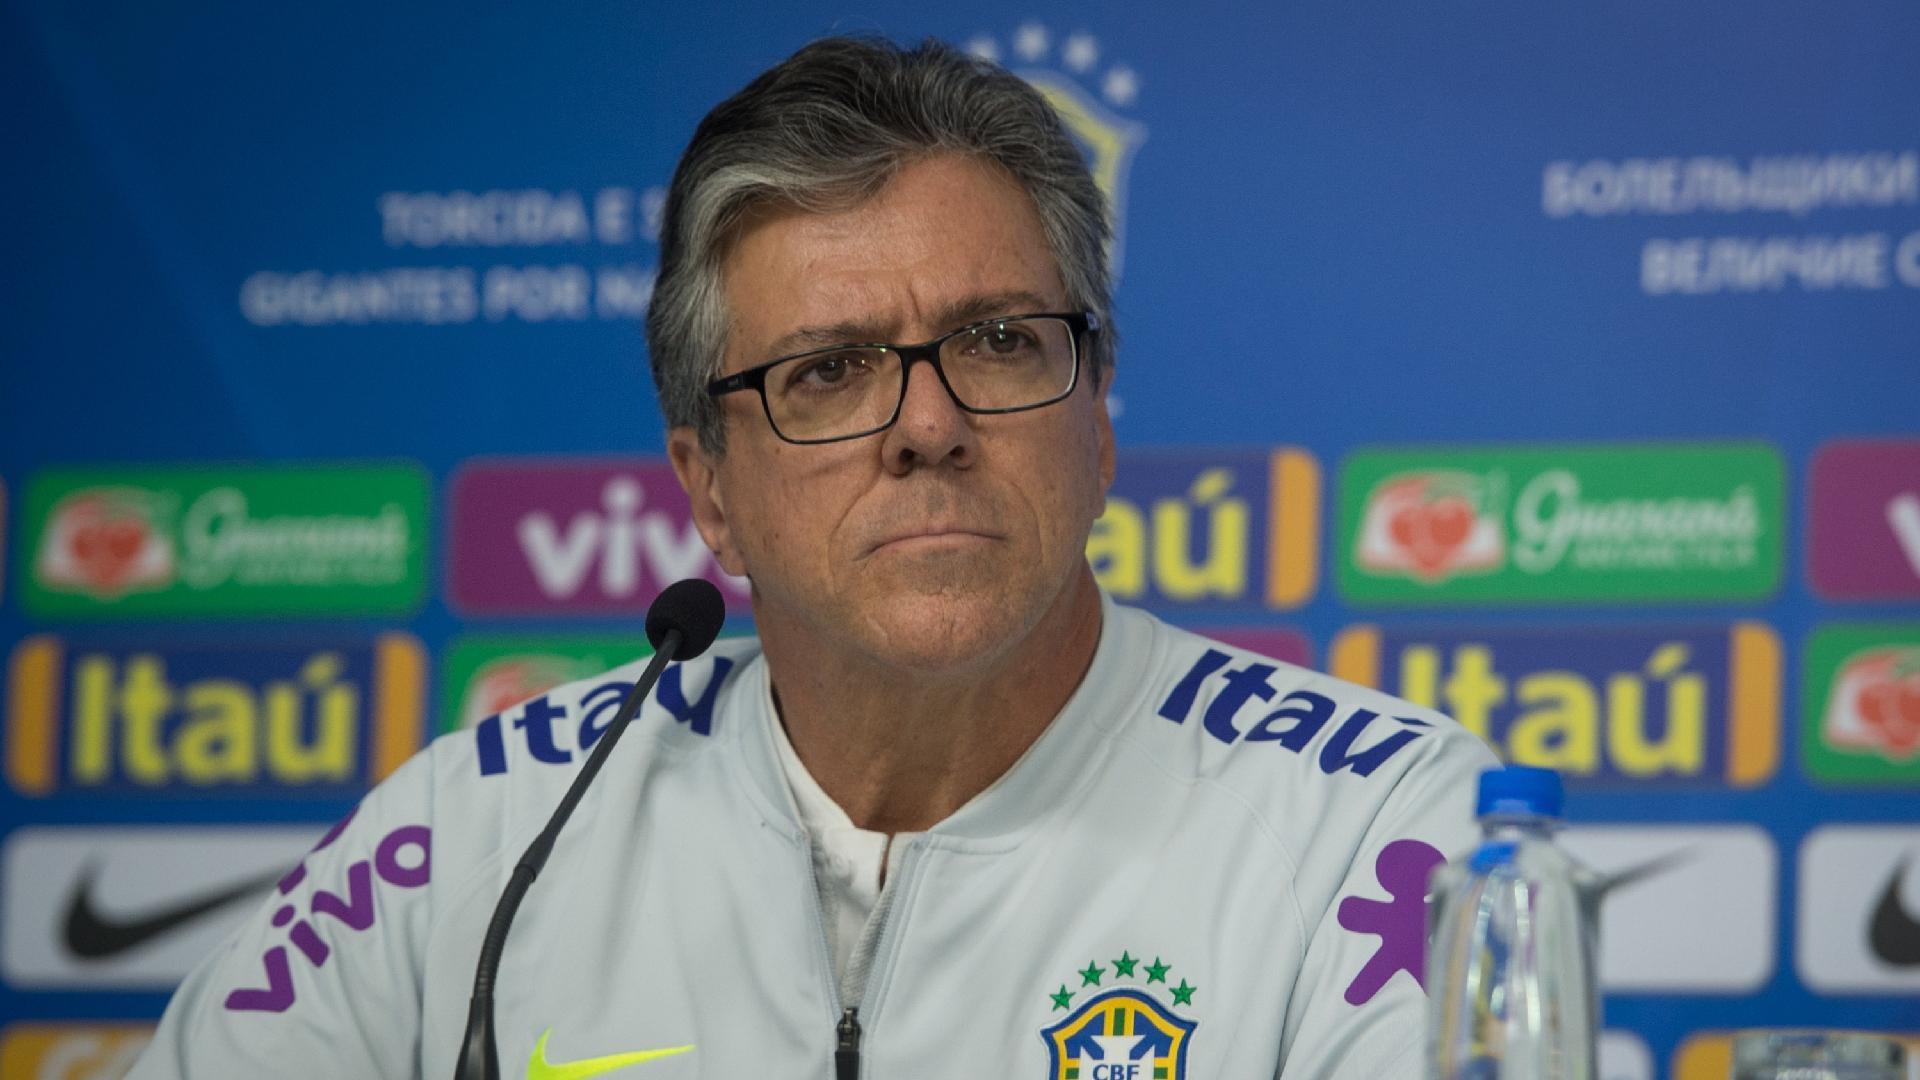 Luiz Crescente, fisiologista da seleção brasileira